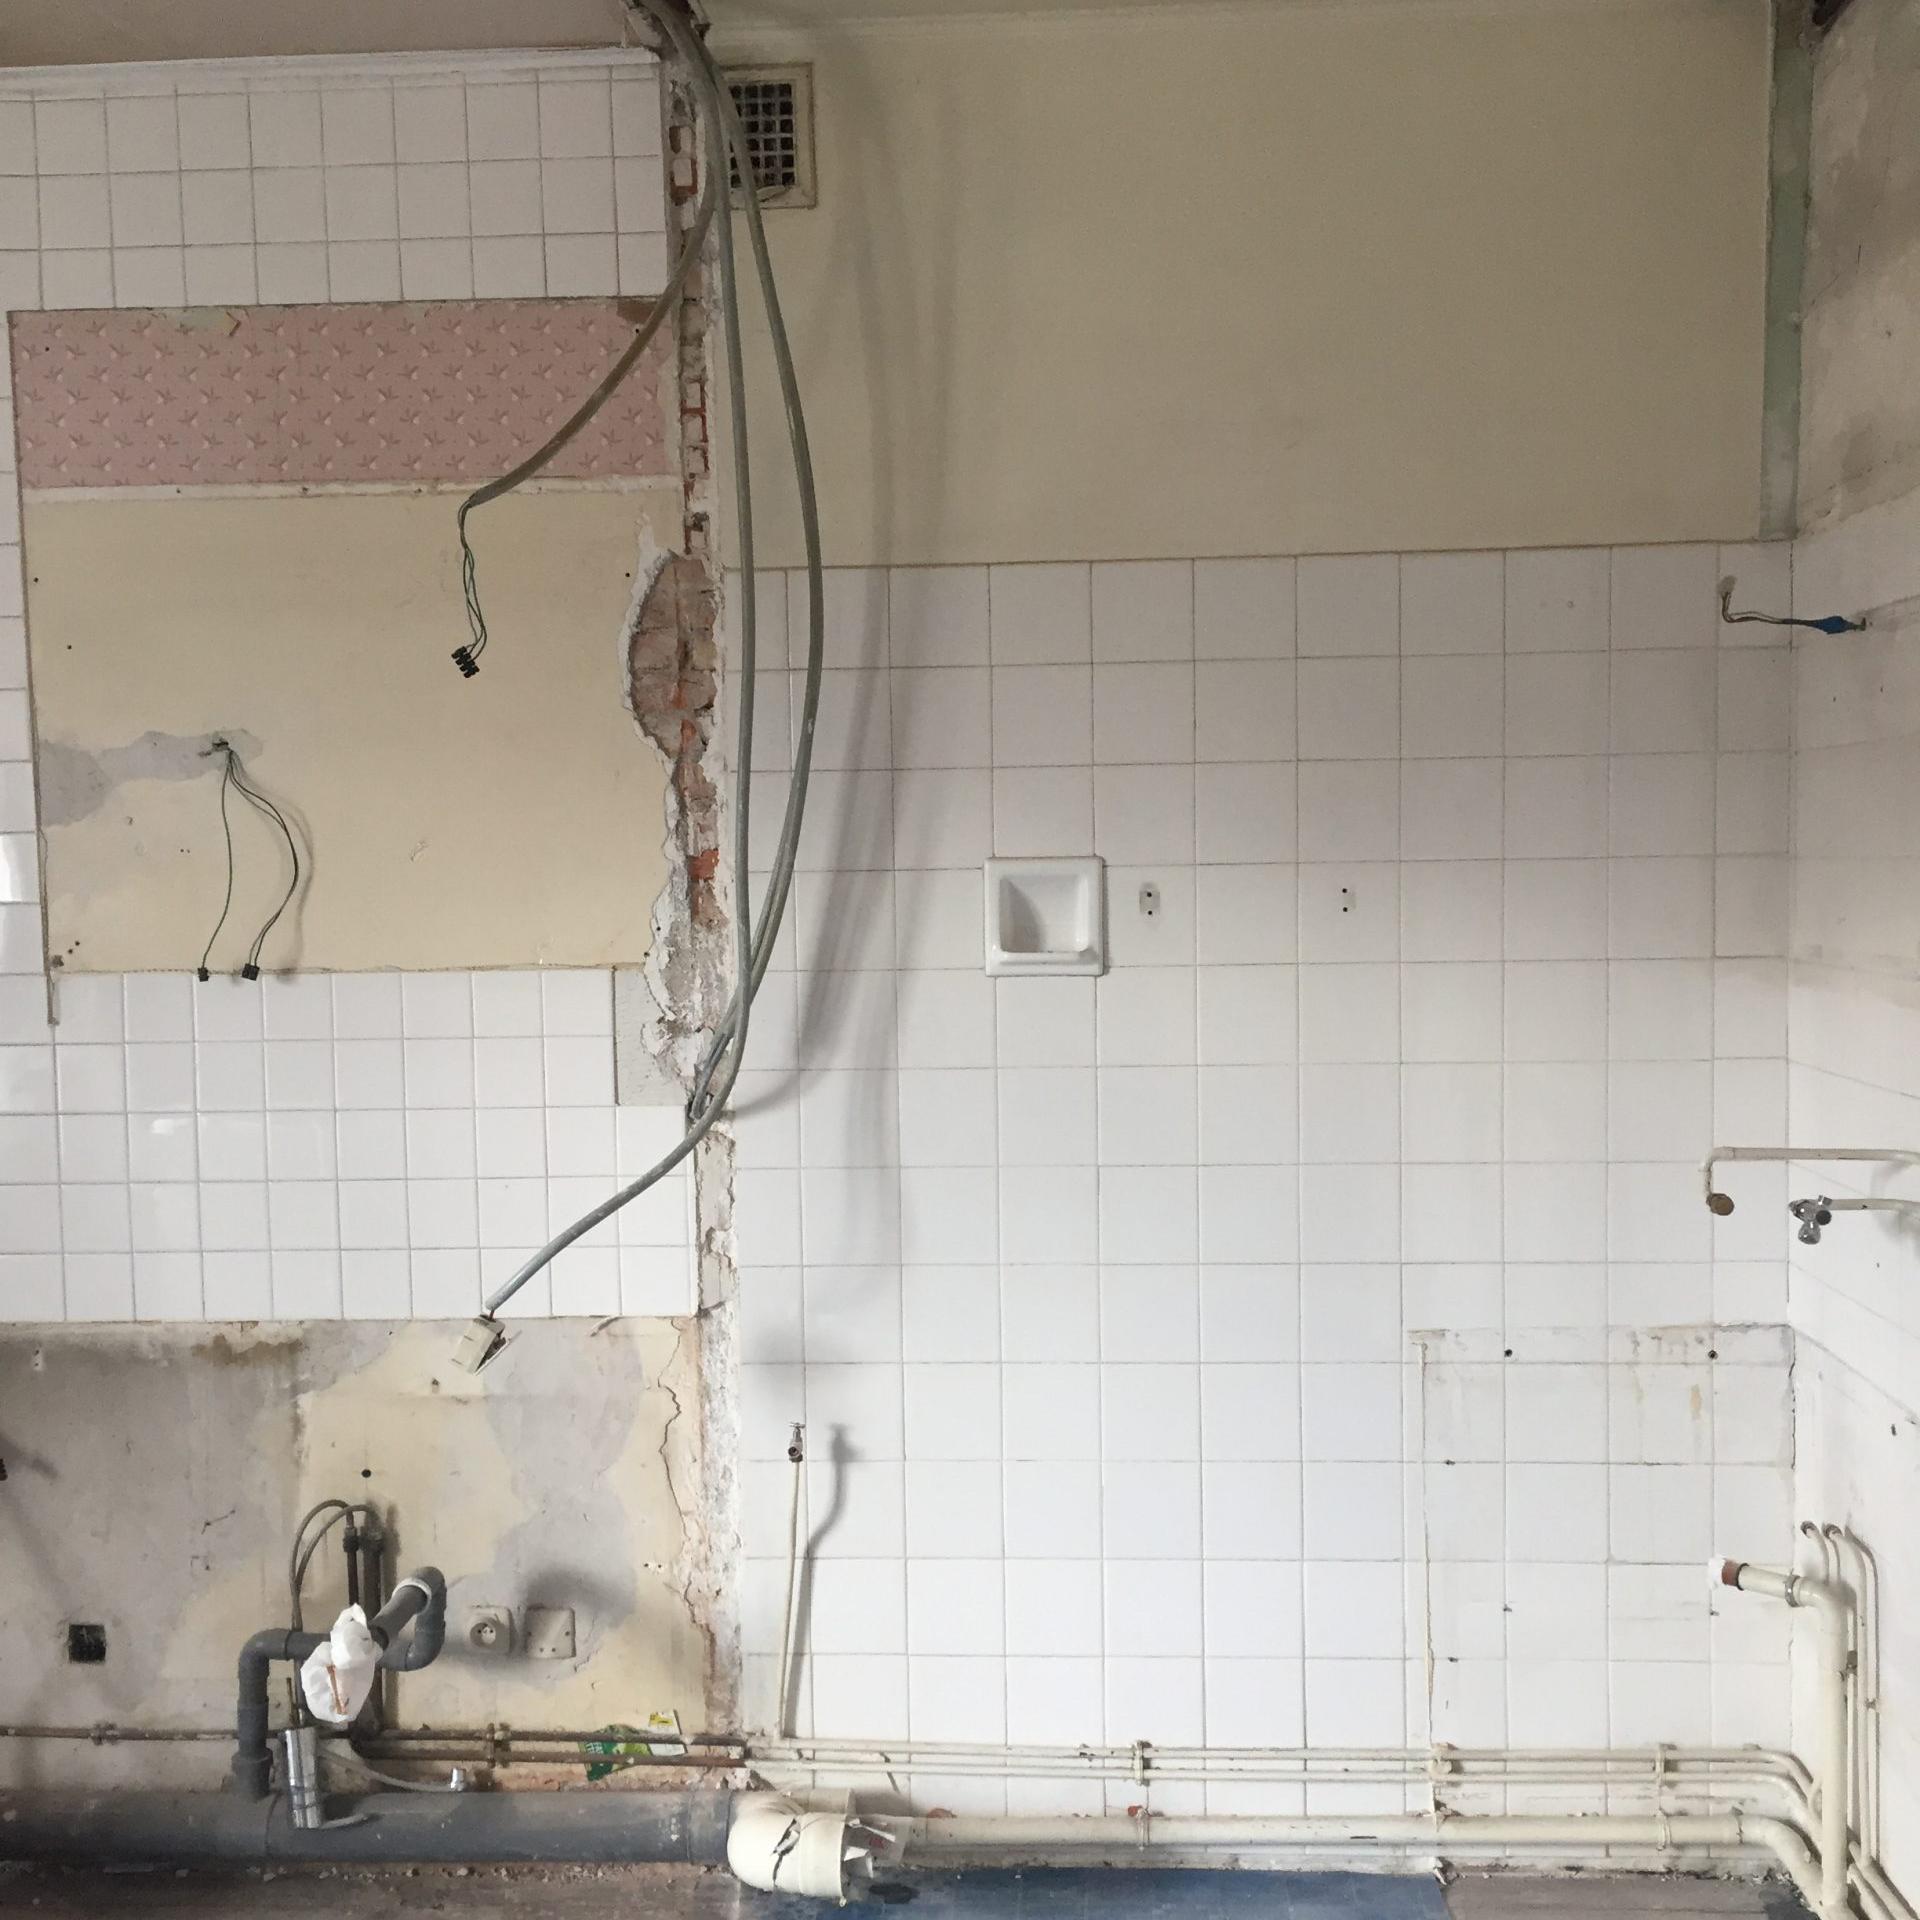 Avant décoration intérieur salle de bains